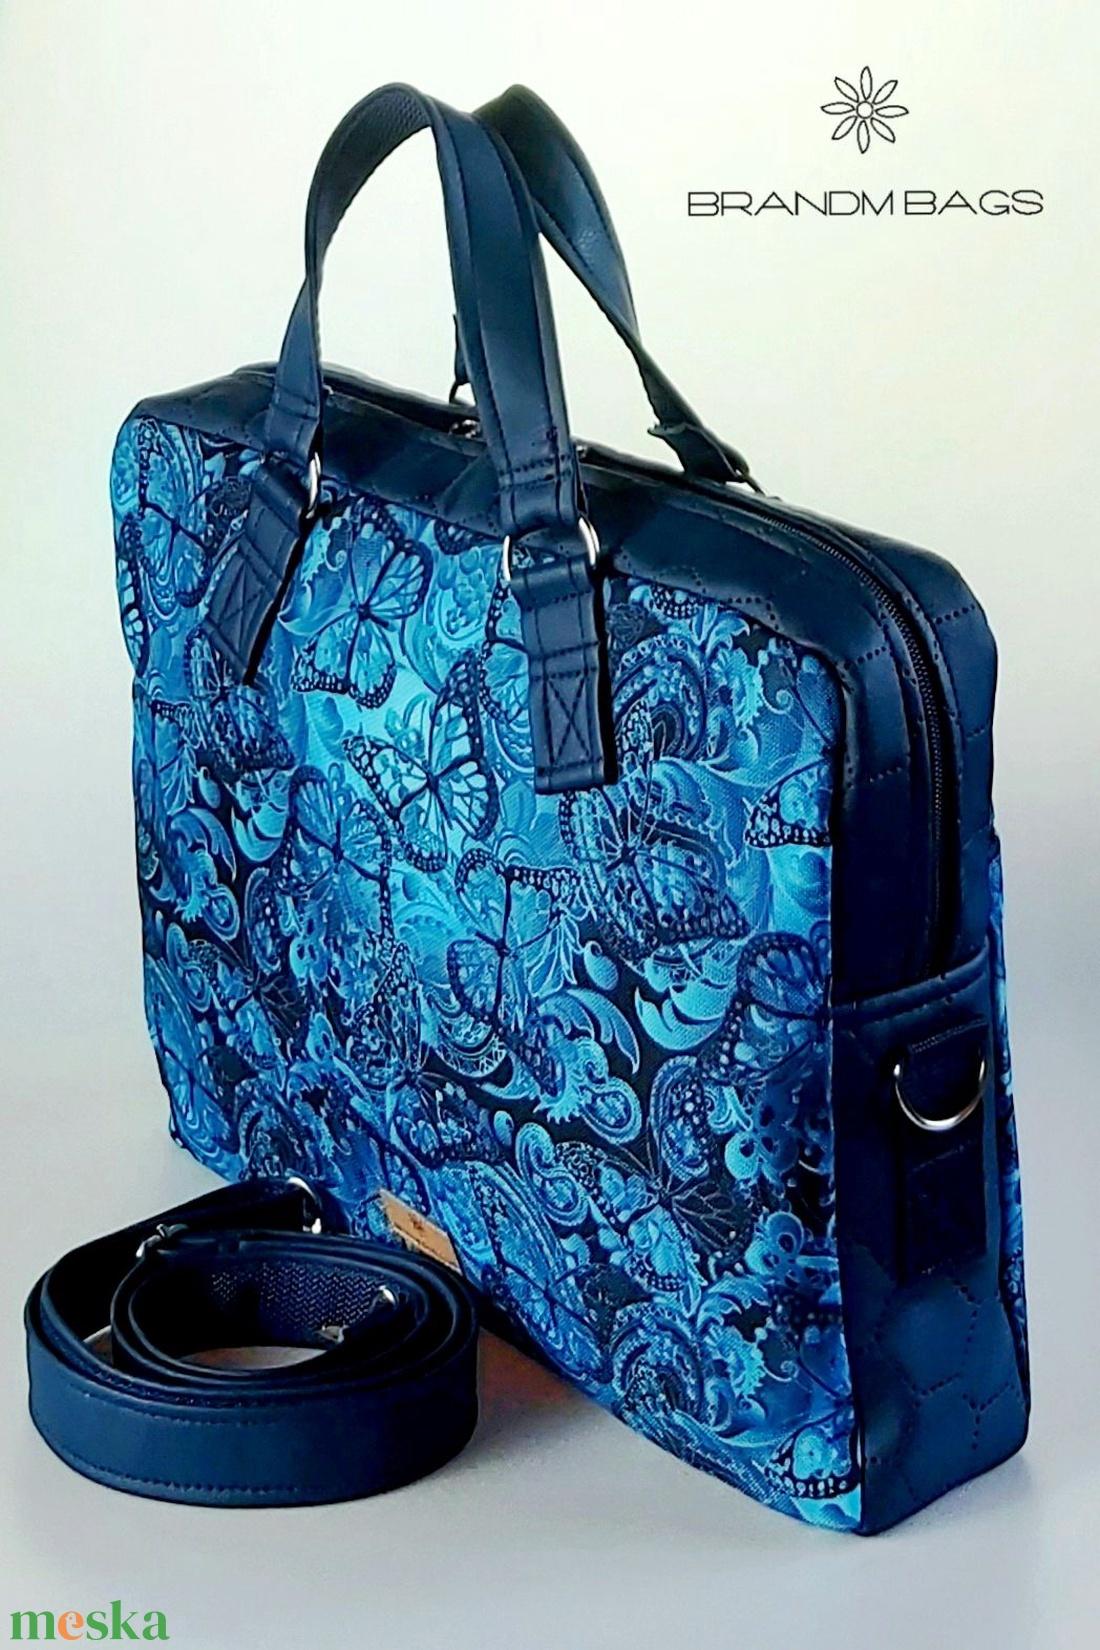 Kék pillangós vízálló �EDIT laptop táska - táska & tok - laptop & tablettartó - laptoptáska - Meska.hu